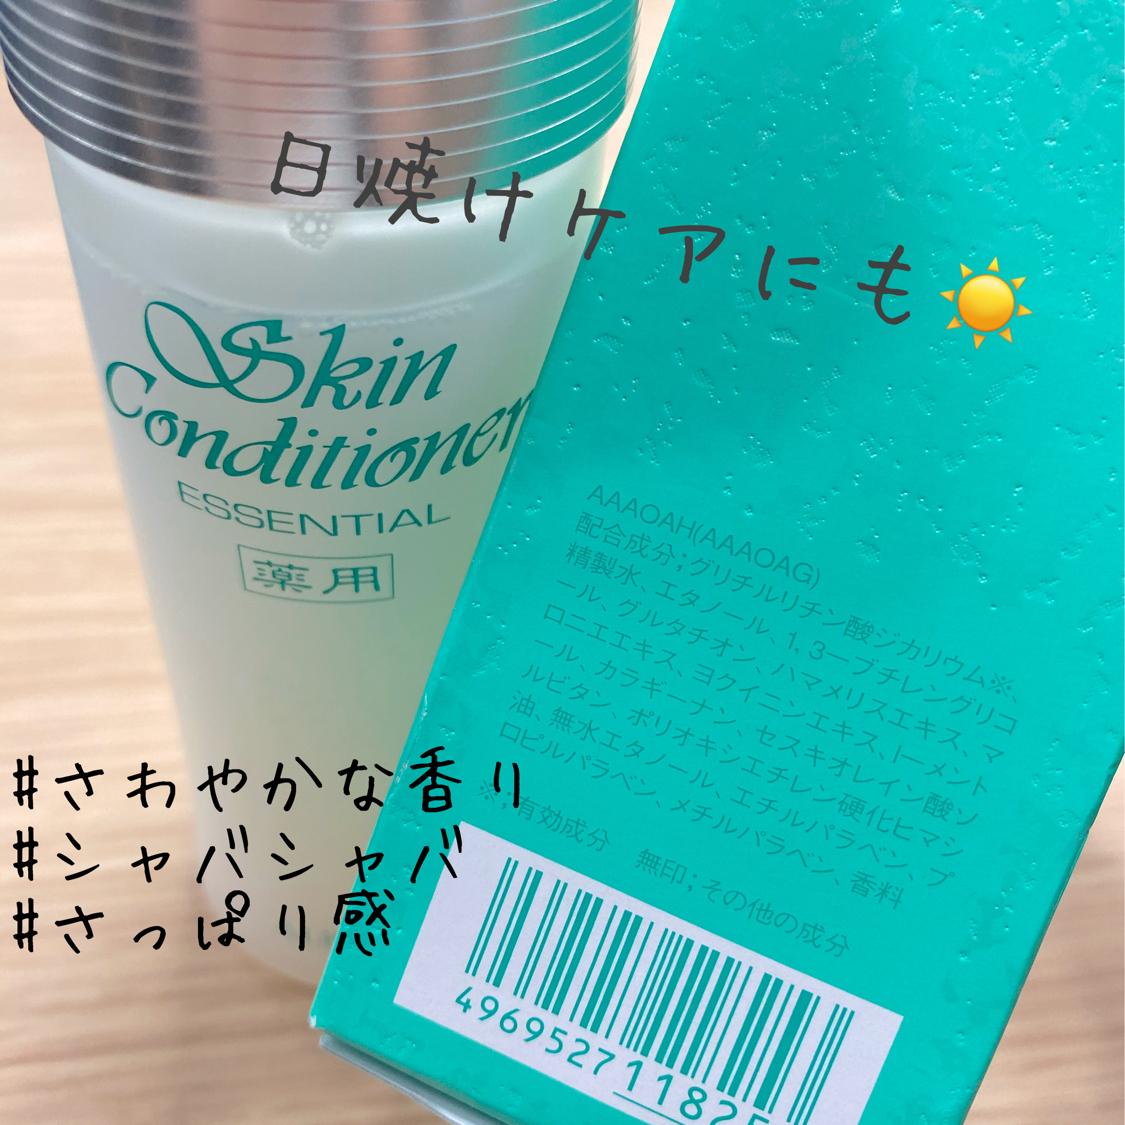 アルビオン アルビオン 薬用スキンコンディショナー エッセンシャル165ml(化粧水)を使ったクチコミ(2枚目)